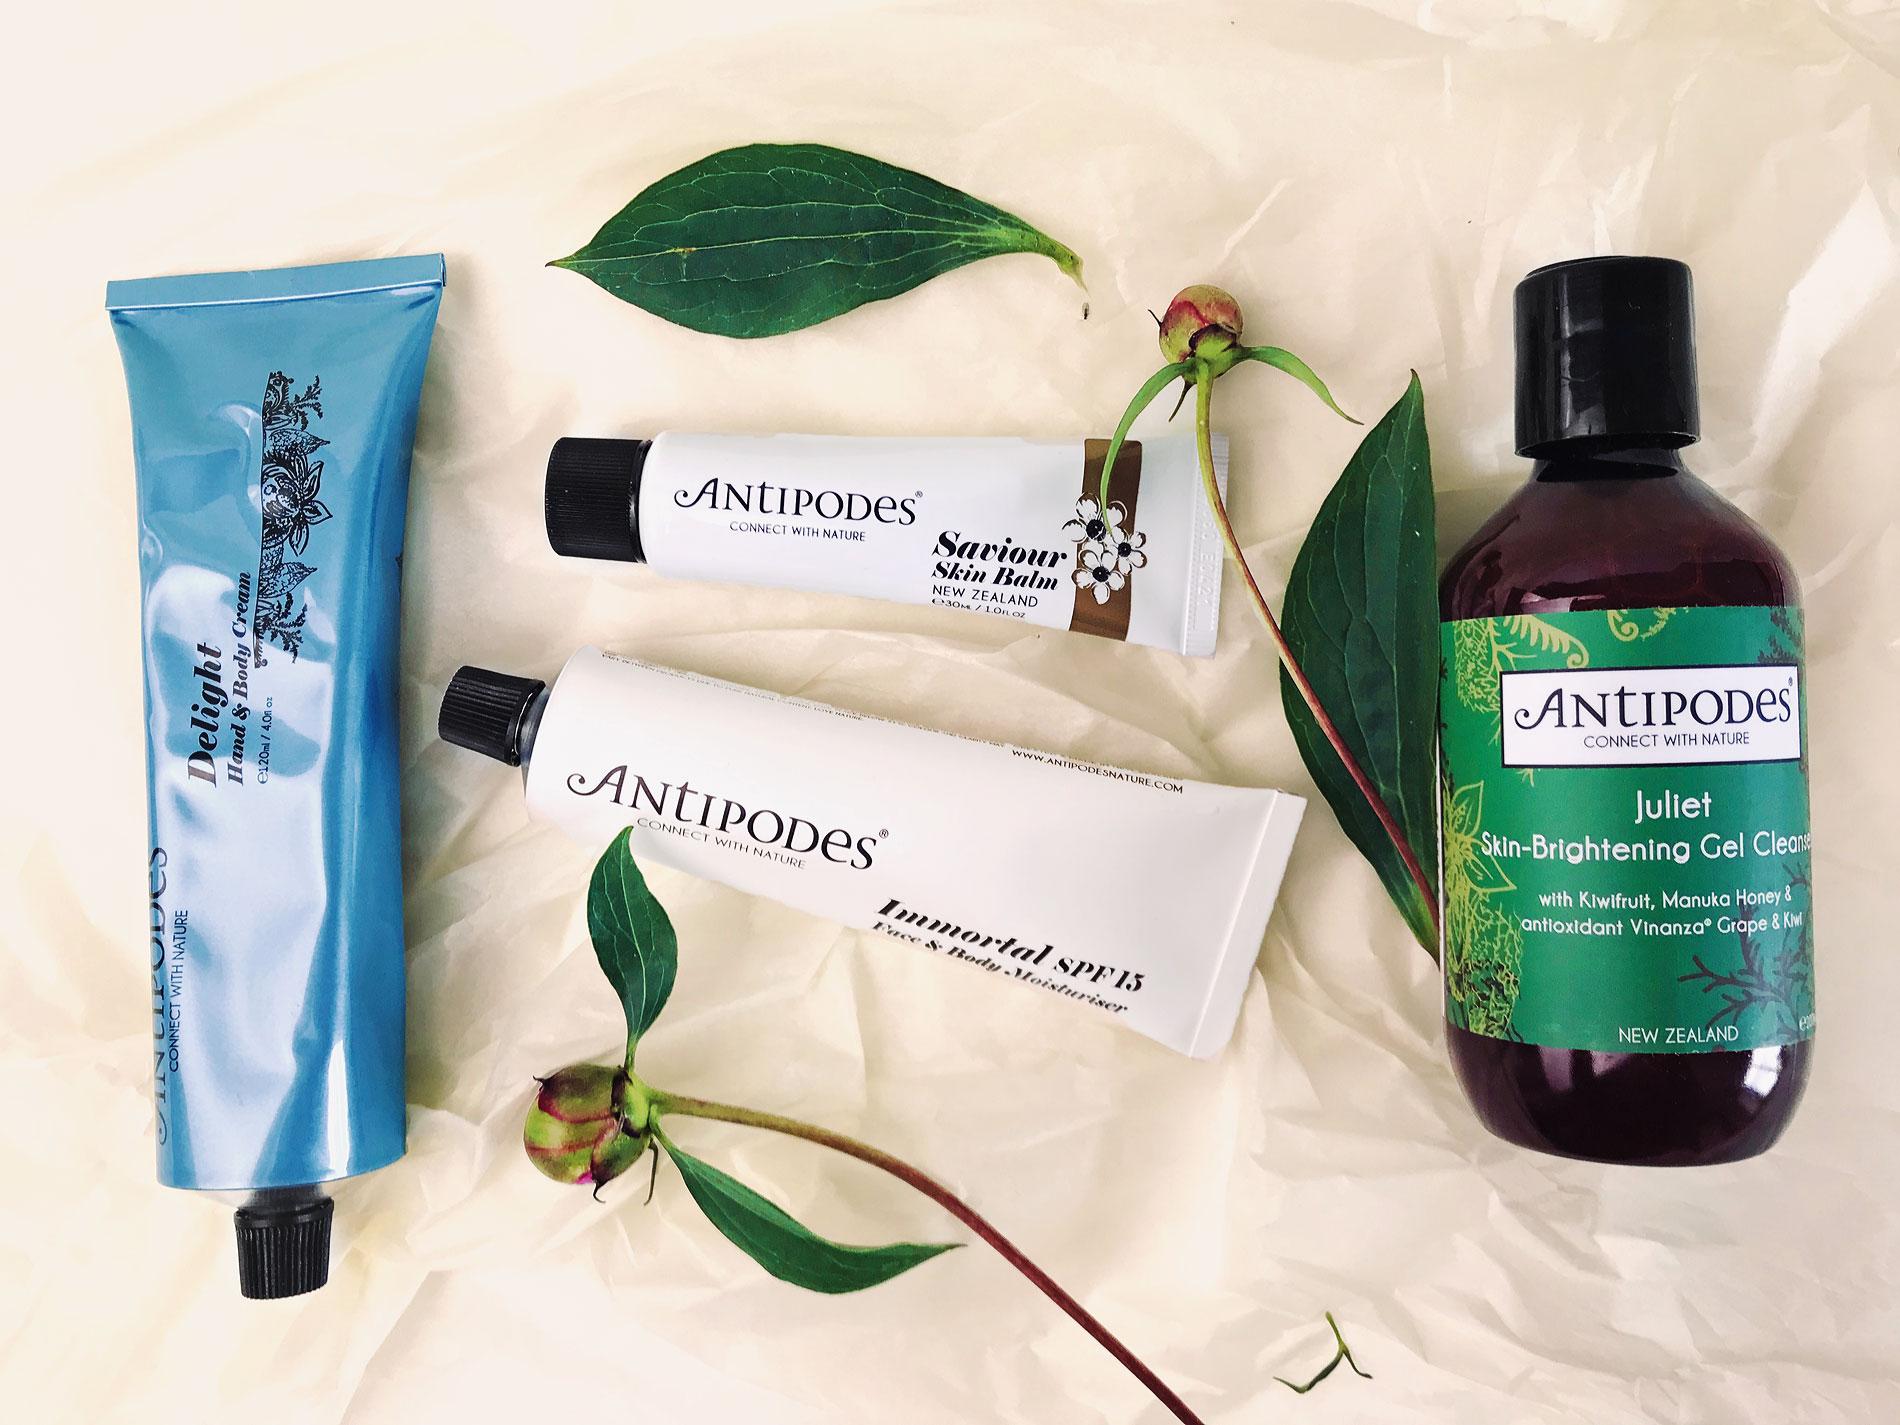 Gewinne ein Beauty-Set der Marke Antipodes, Naturkosmetik, Naturkosmetik Gewinnspiel, Gewinnspiel, Blanda Beauty, ElisaZunder Blogazine